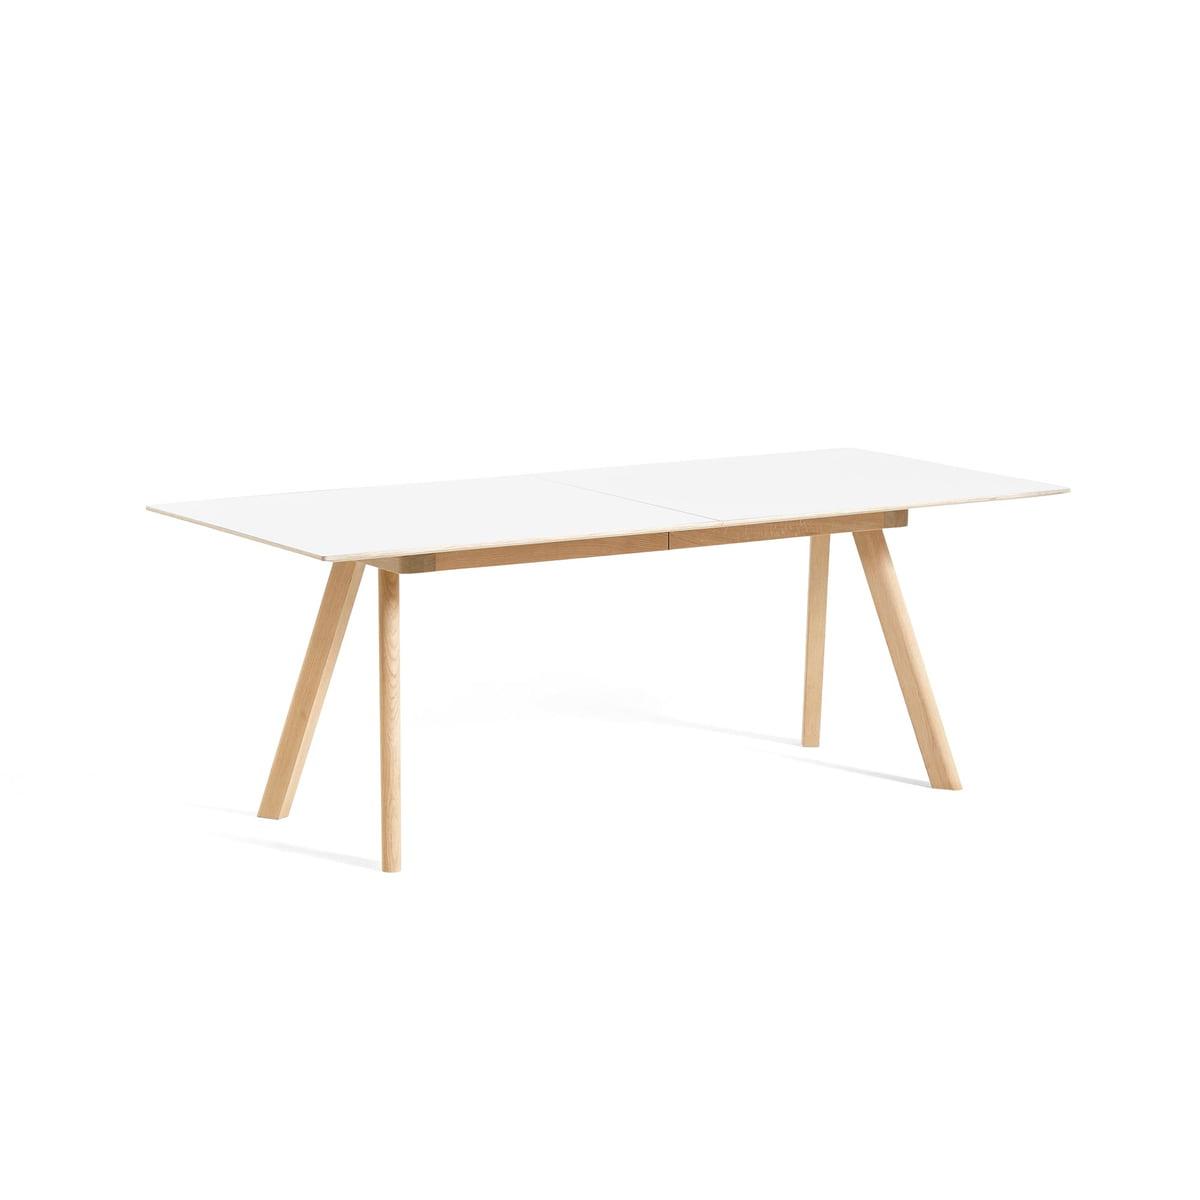 Hay Table à rallonge copenhague cph30, l 160310 x l 80 x h 74 cm, chêne laqué mat